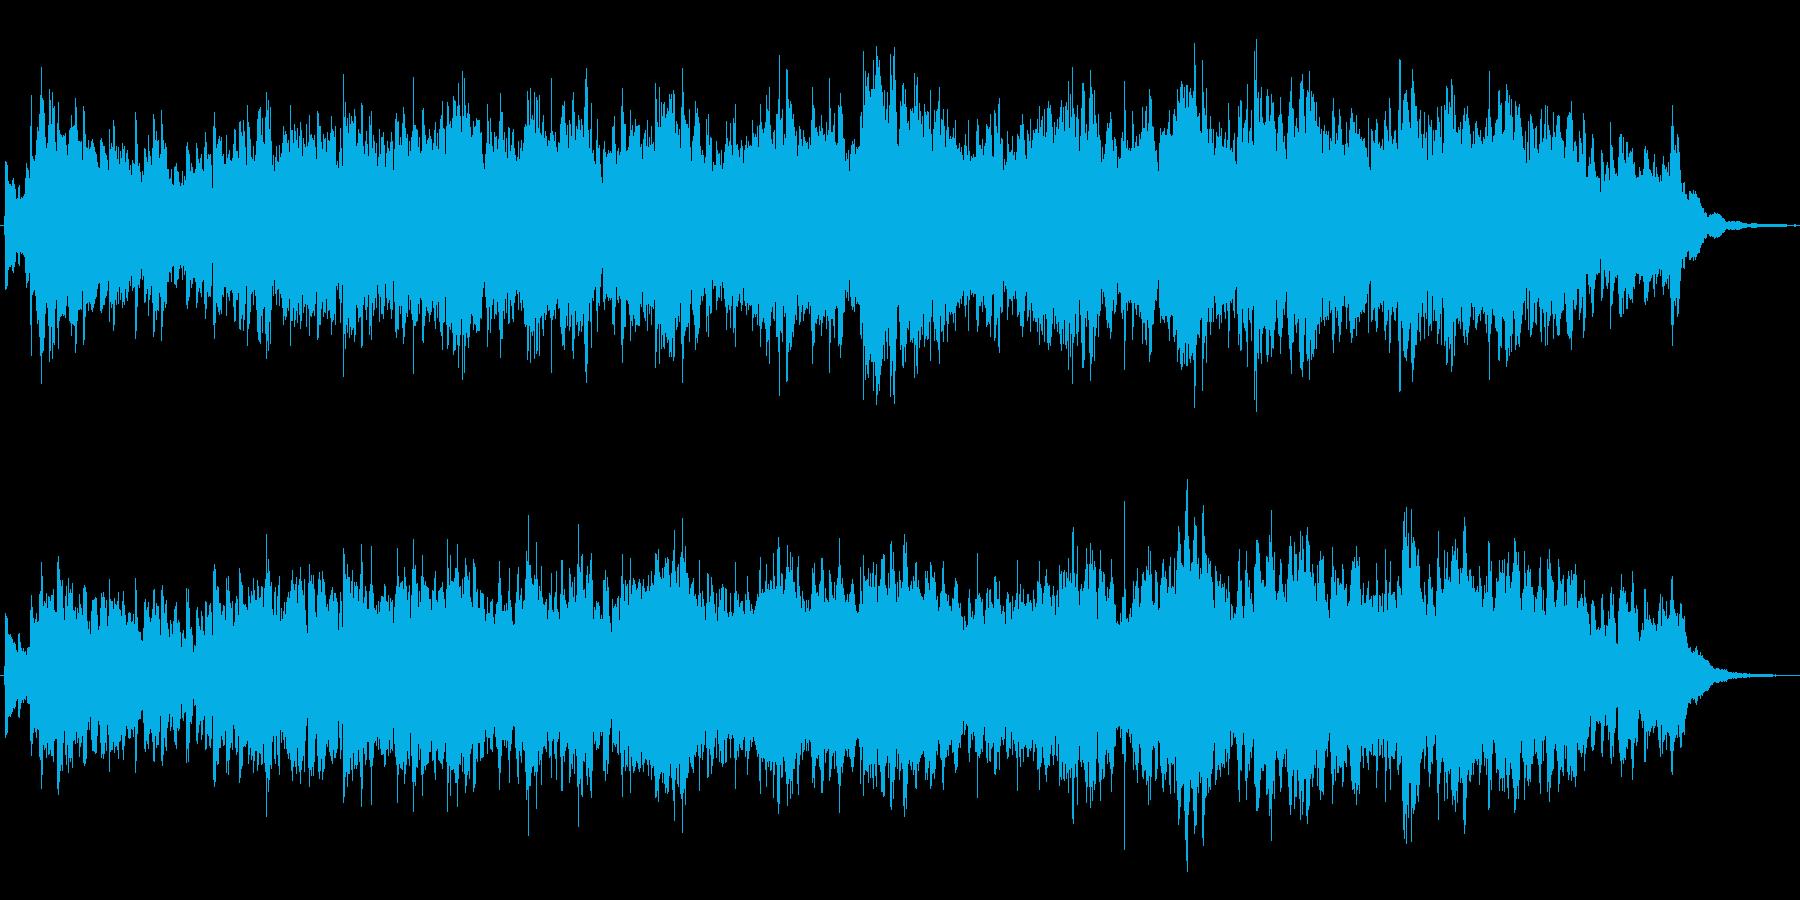 笛とピチカートによるほのぼのジングルの再生済みの波形